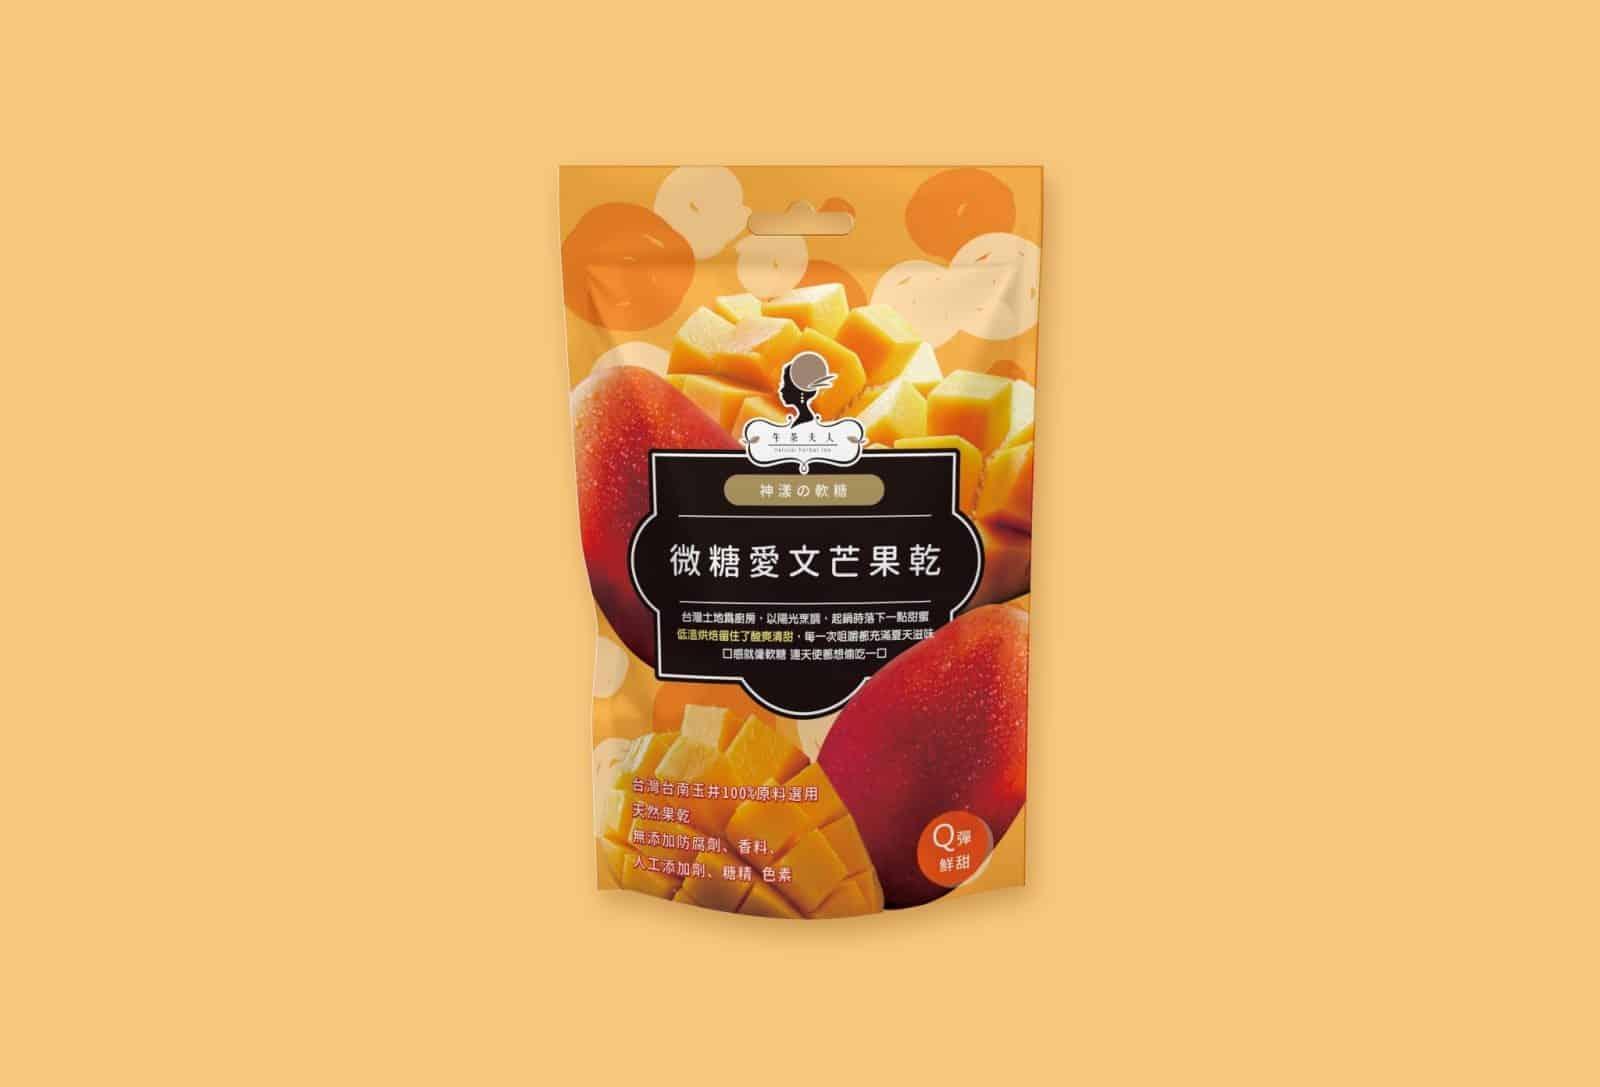 愛文芒果乾 食品包裝設計 包裝印刷 密封袋設計 夾鏈袋設計 夾鏈袋印刷